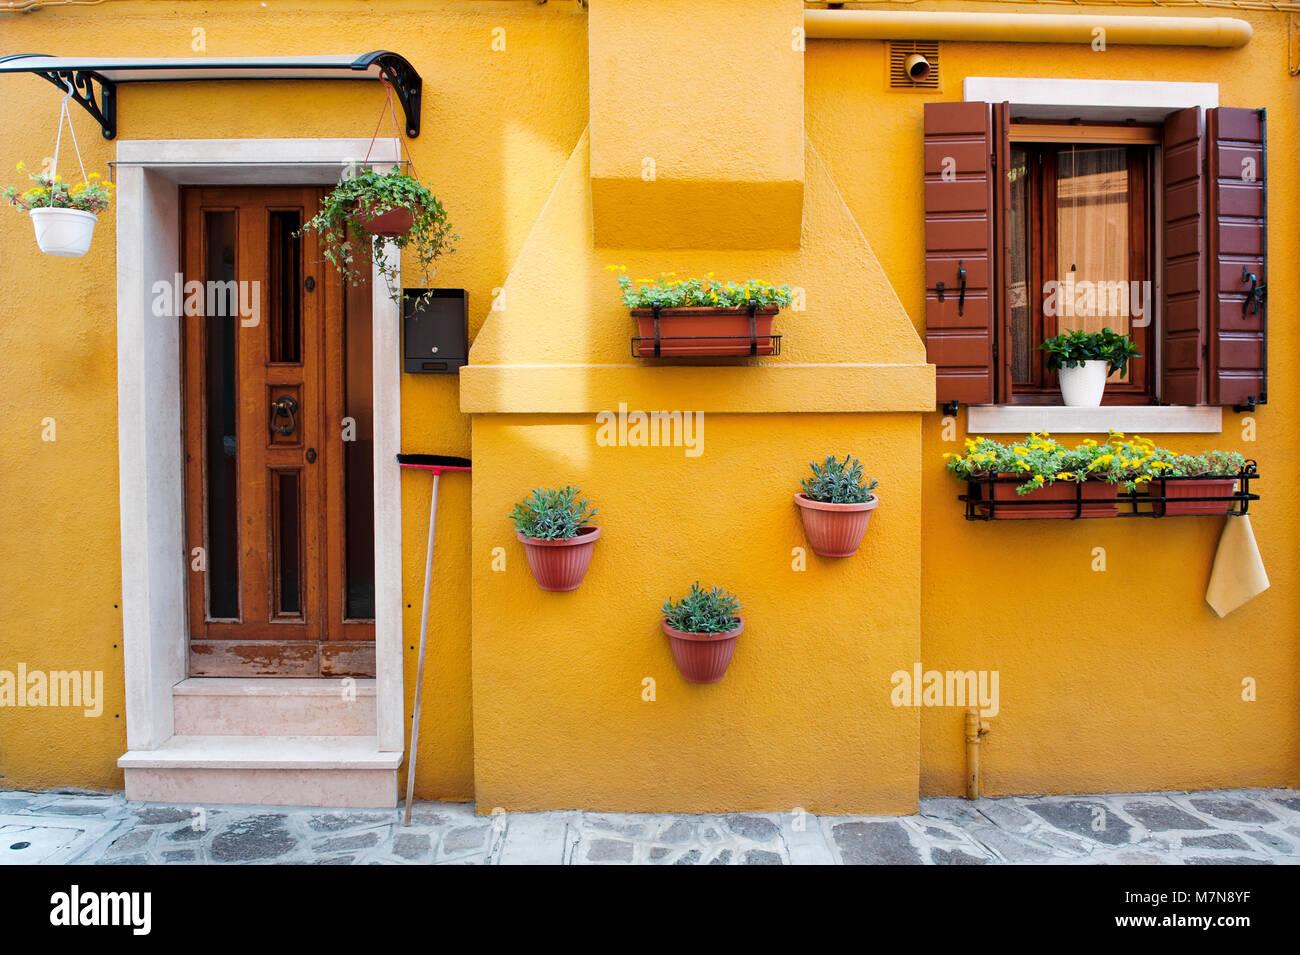 Característico color amarillo de la fachada de la casa en la isla de Burano, Venecia, Italia, Europa Imagen De Stock